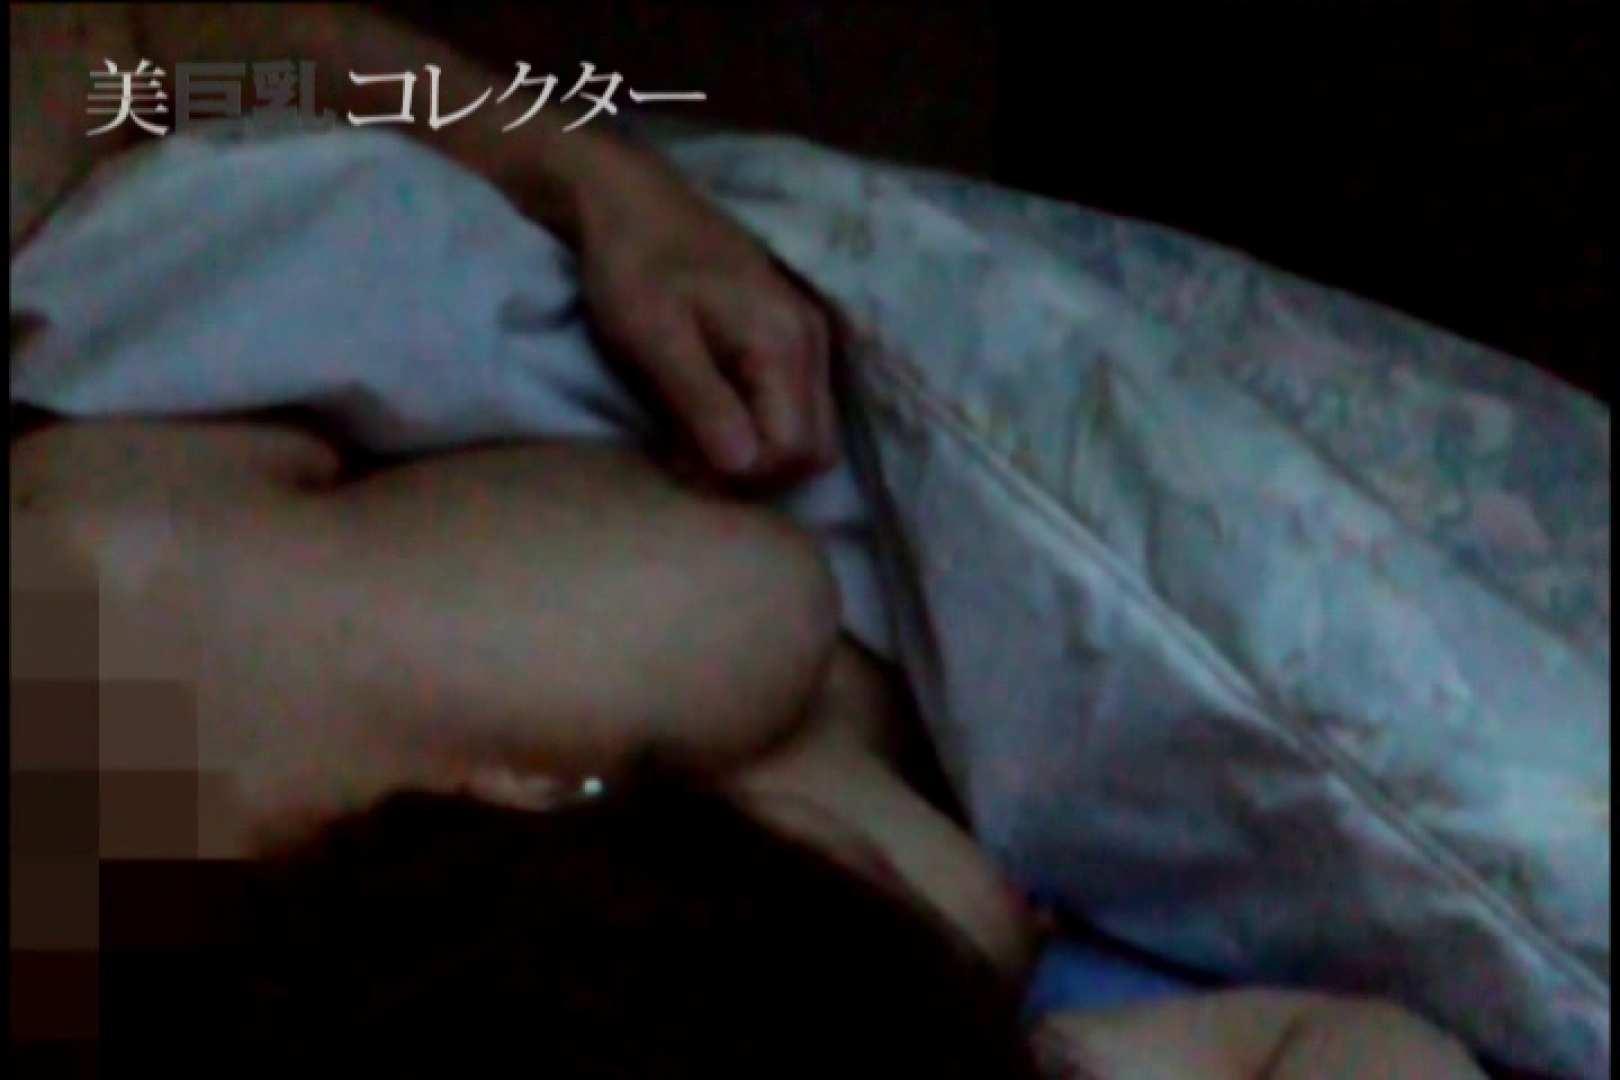 泥酔Hカップ爆乳ギャル3 隠撮  29連発 4